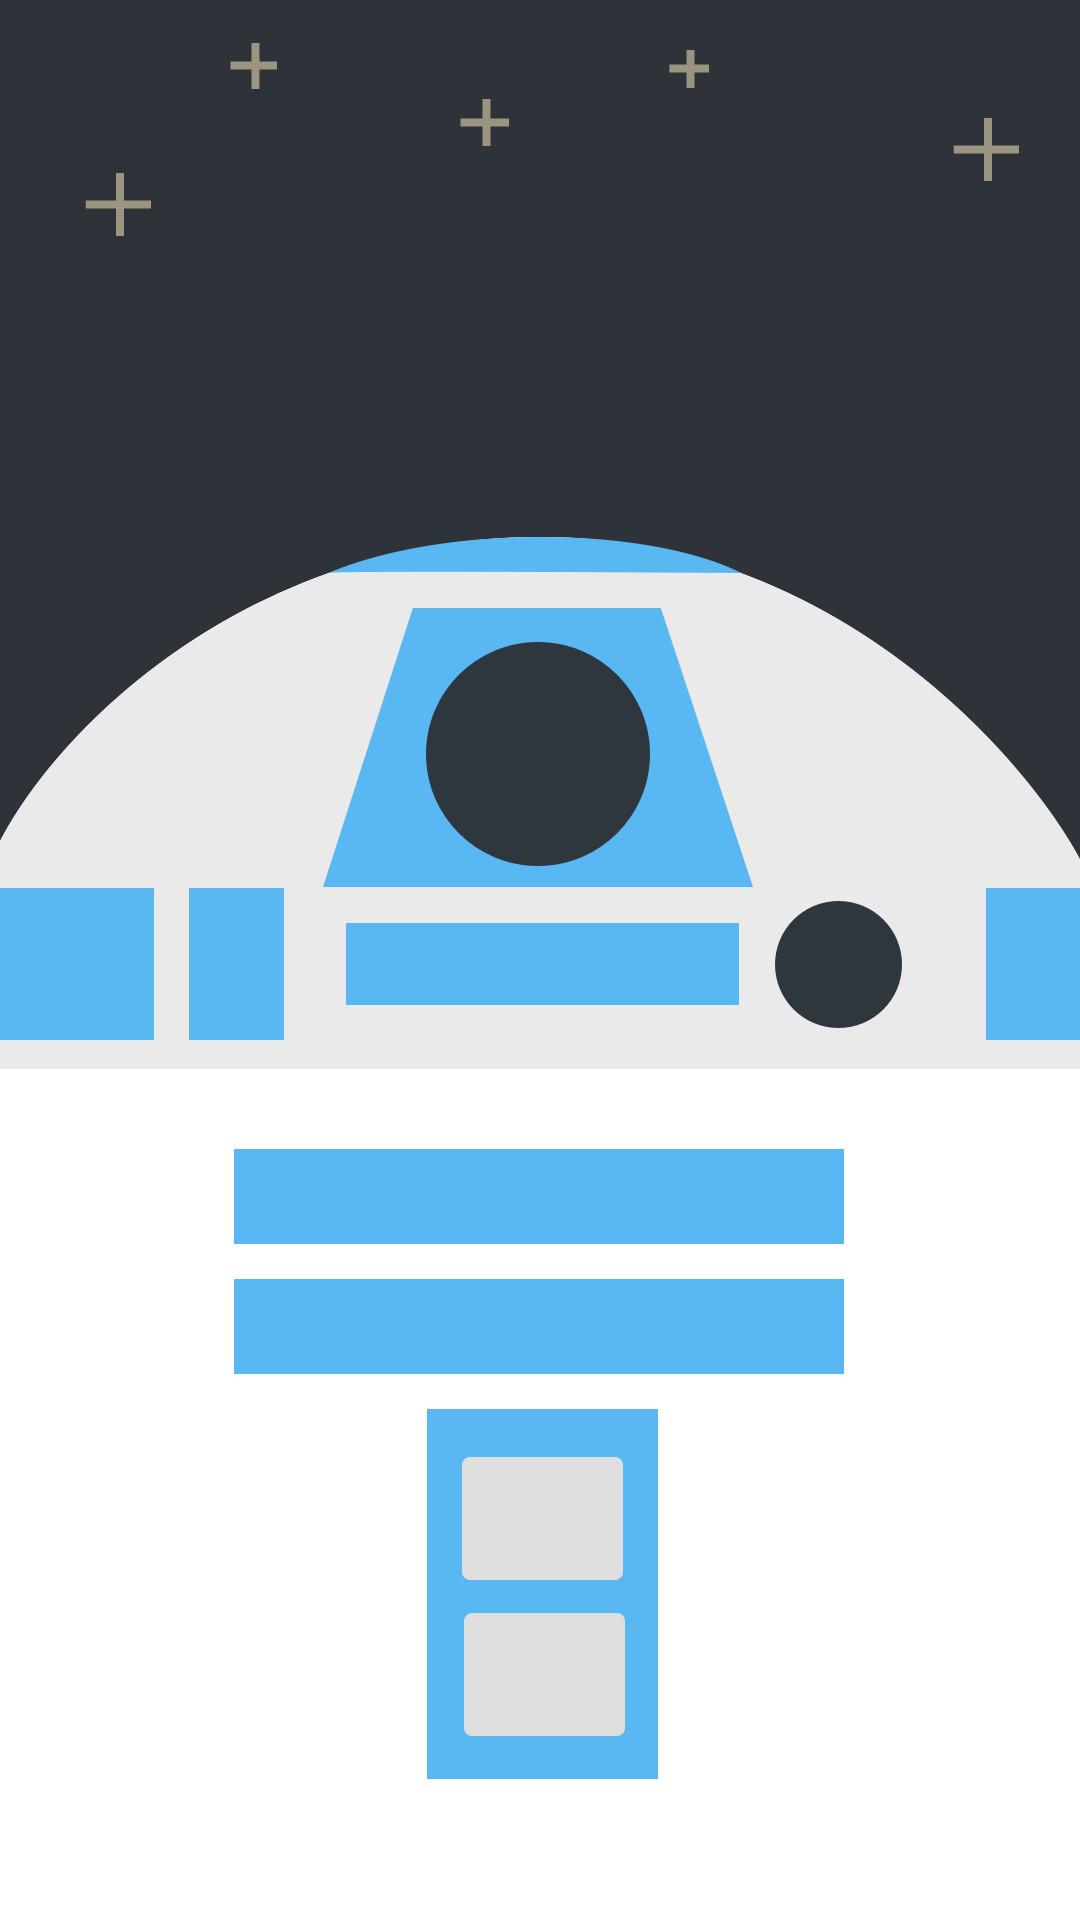 3840x2160 Star Wars R2 D2 Robot Minimalism BB 8